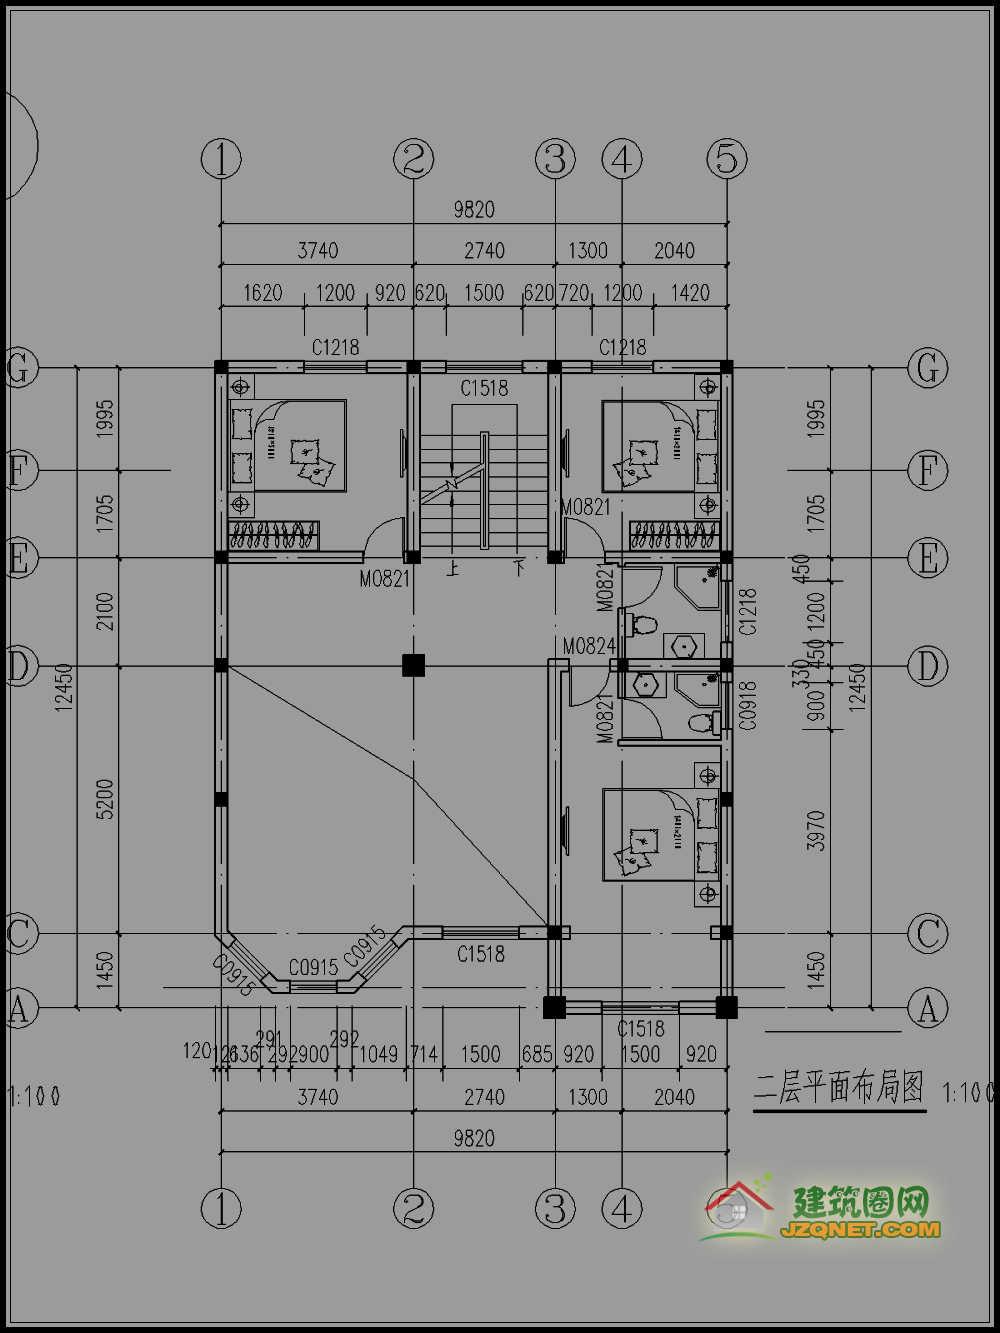 户型 户型图 平面图 1000_1333 竖版 竖屏